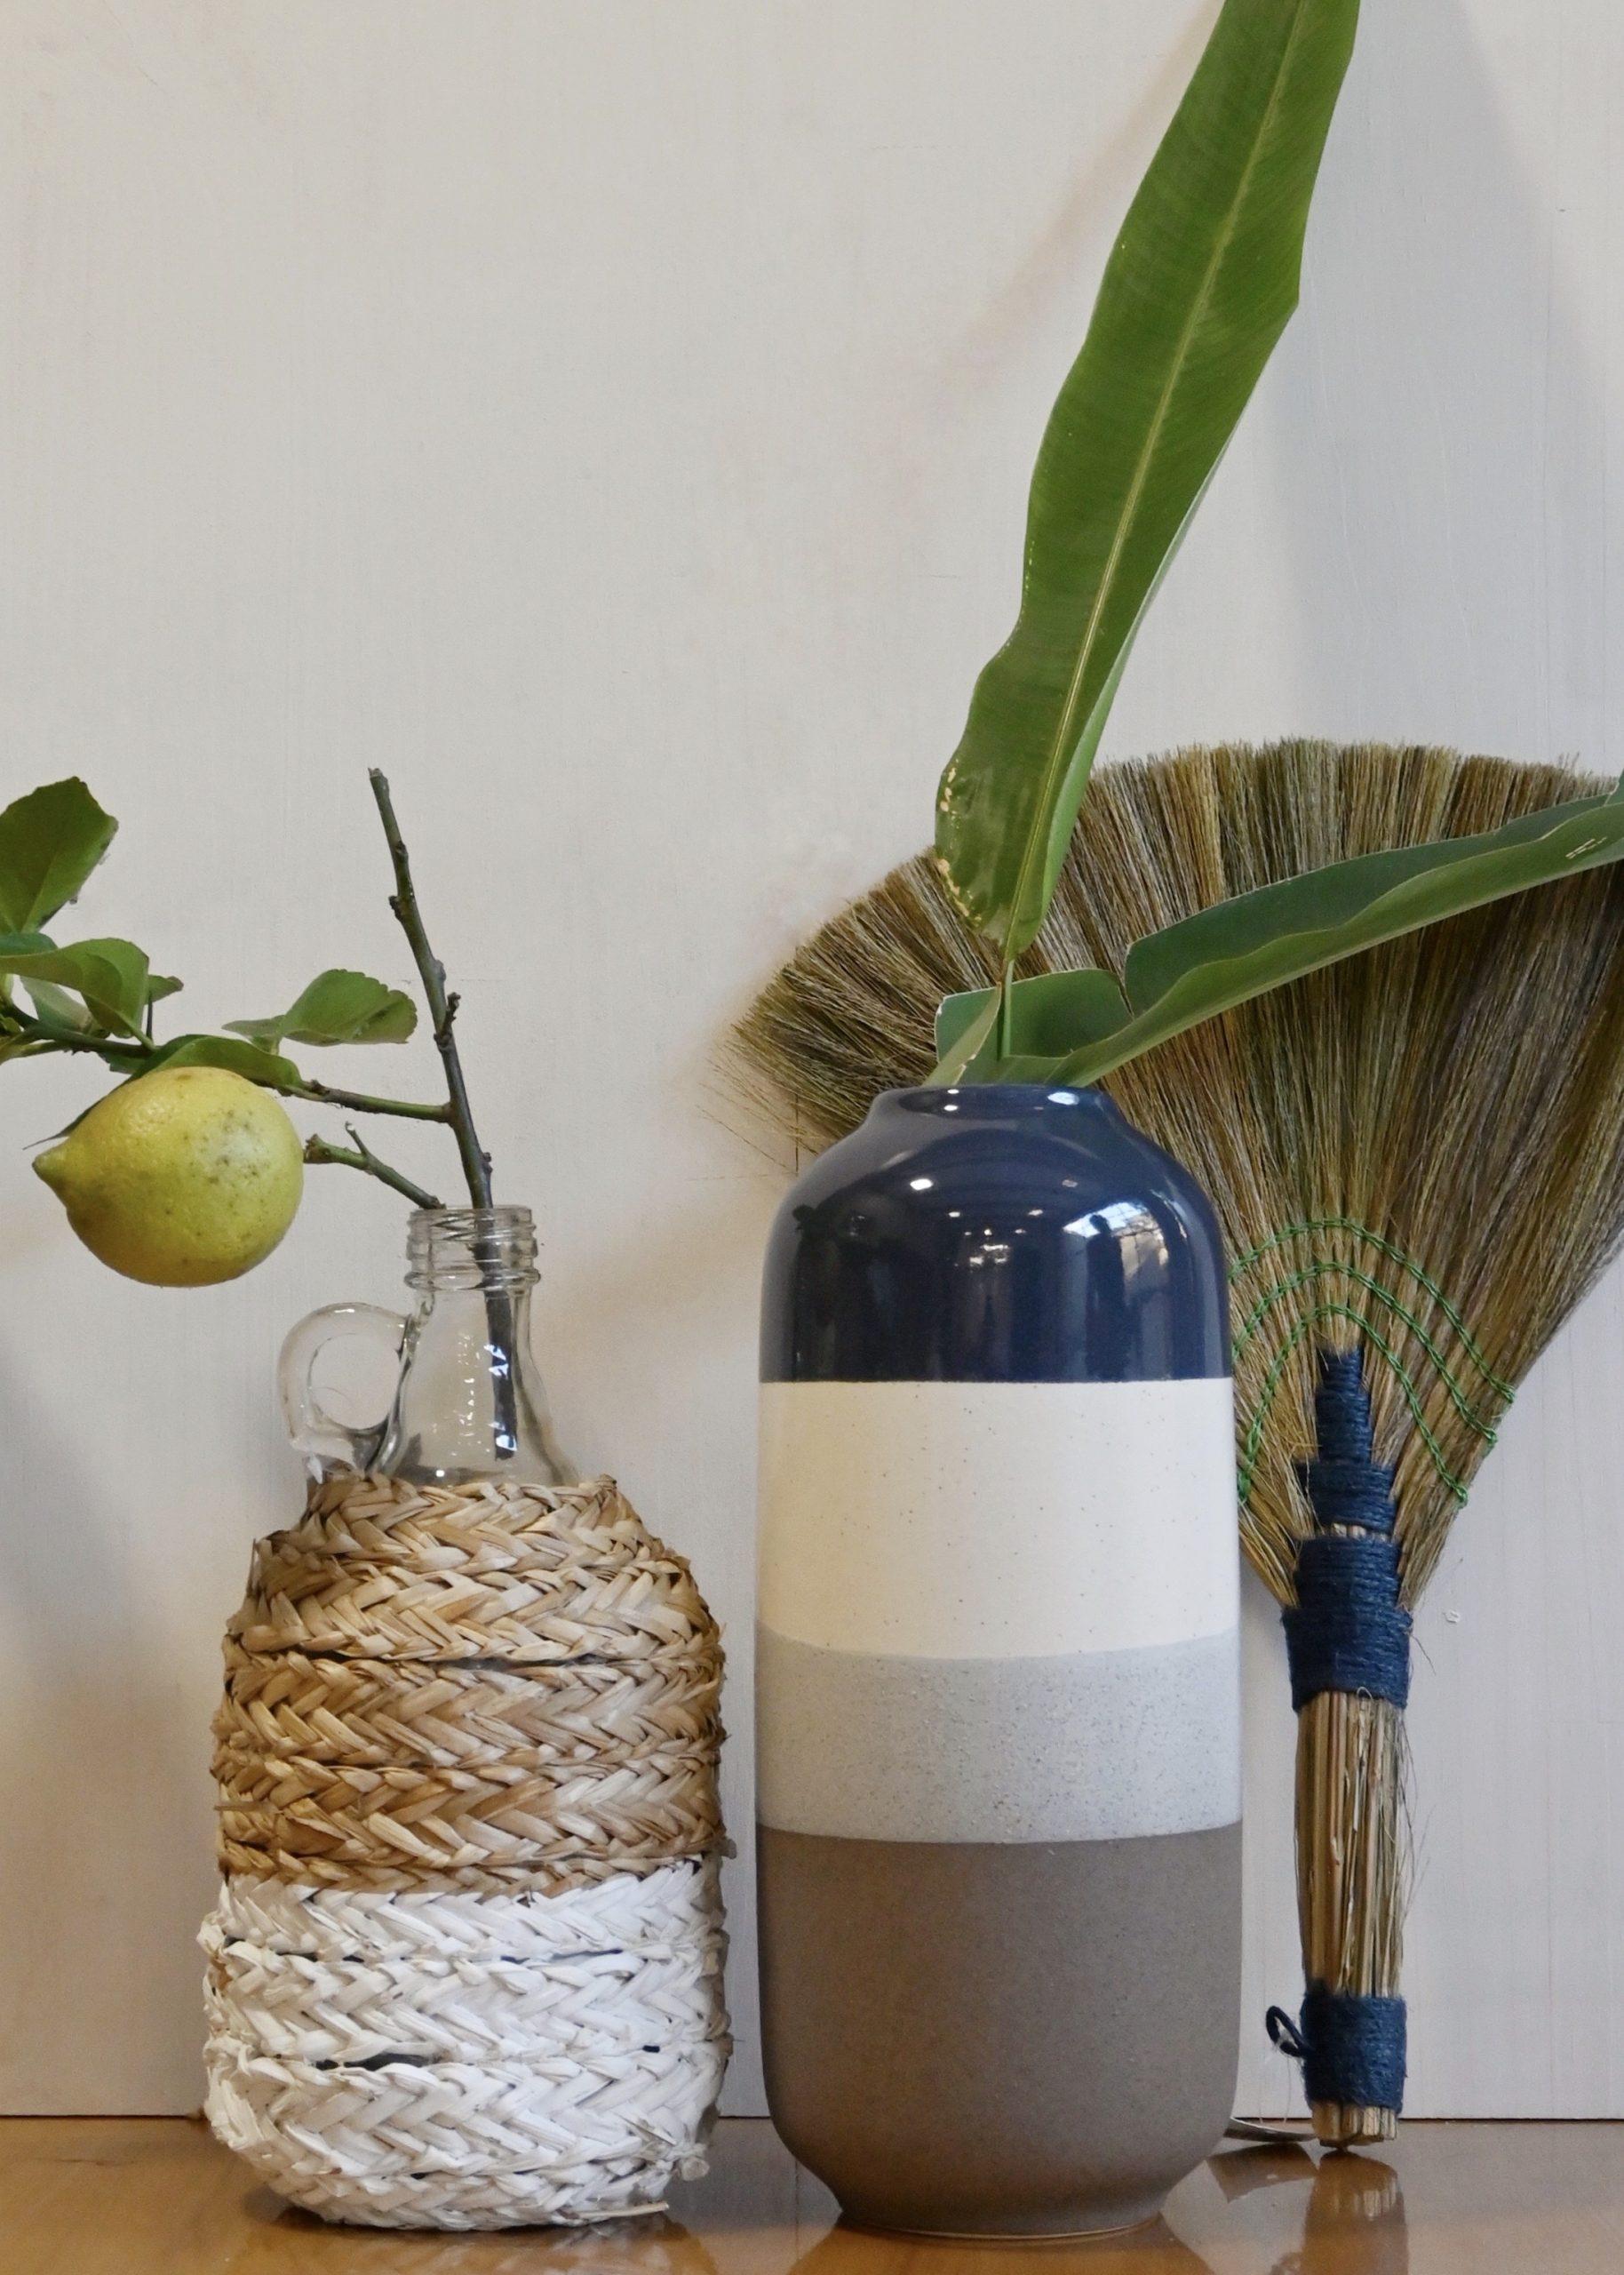 Jarro em Vidro com Revestimento em Palha e Vaso em Cerâmica